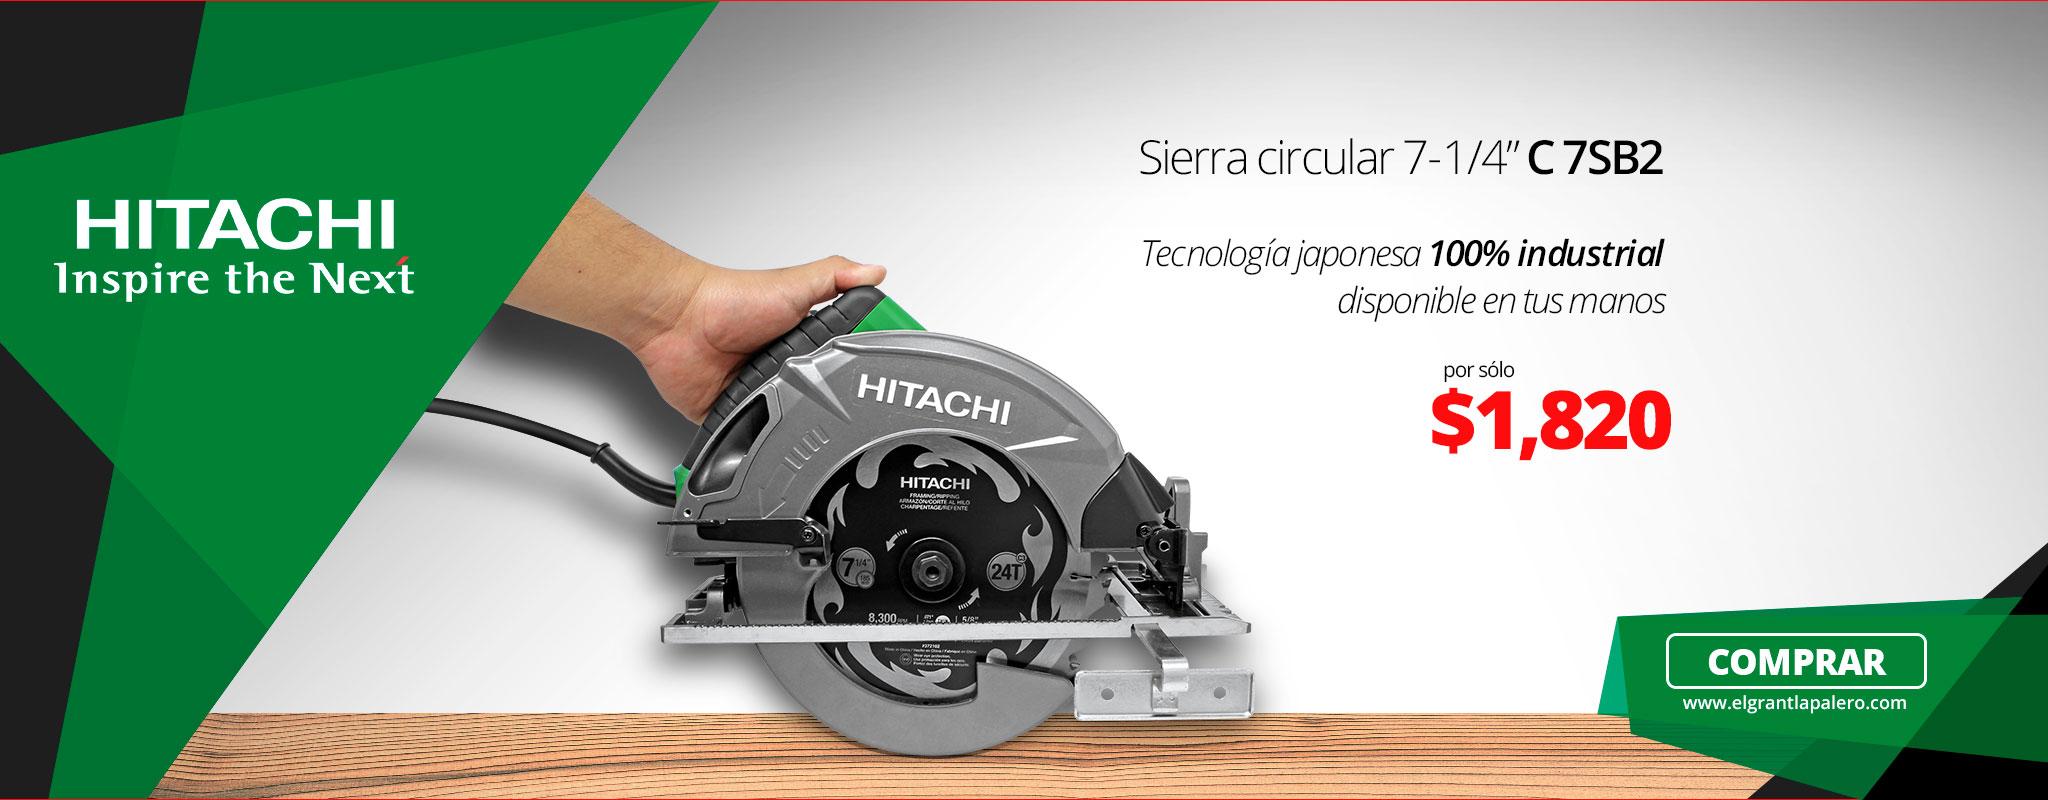 Tecnología japonesa 100% industrial Hitachi